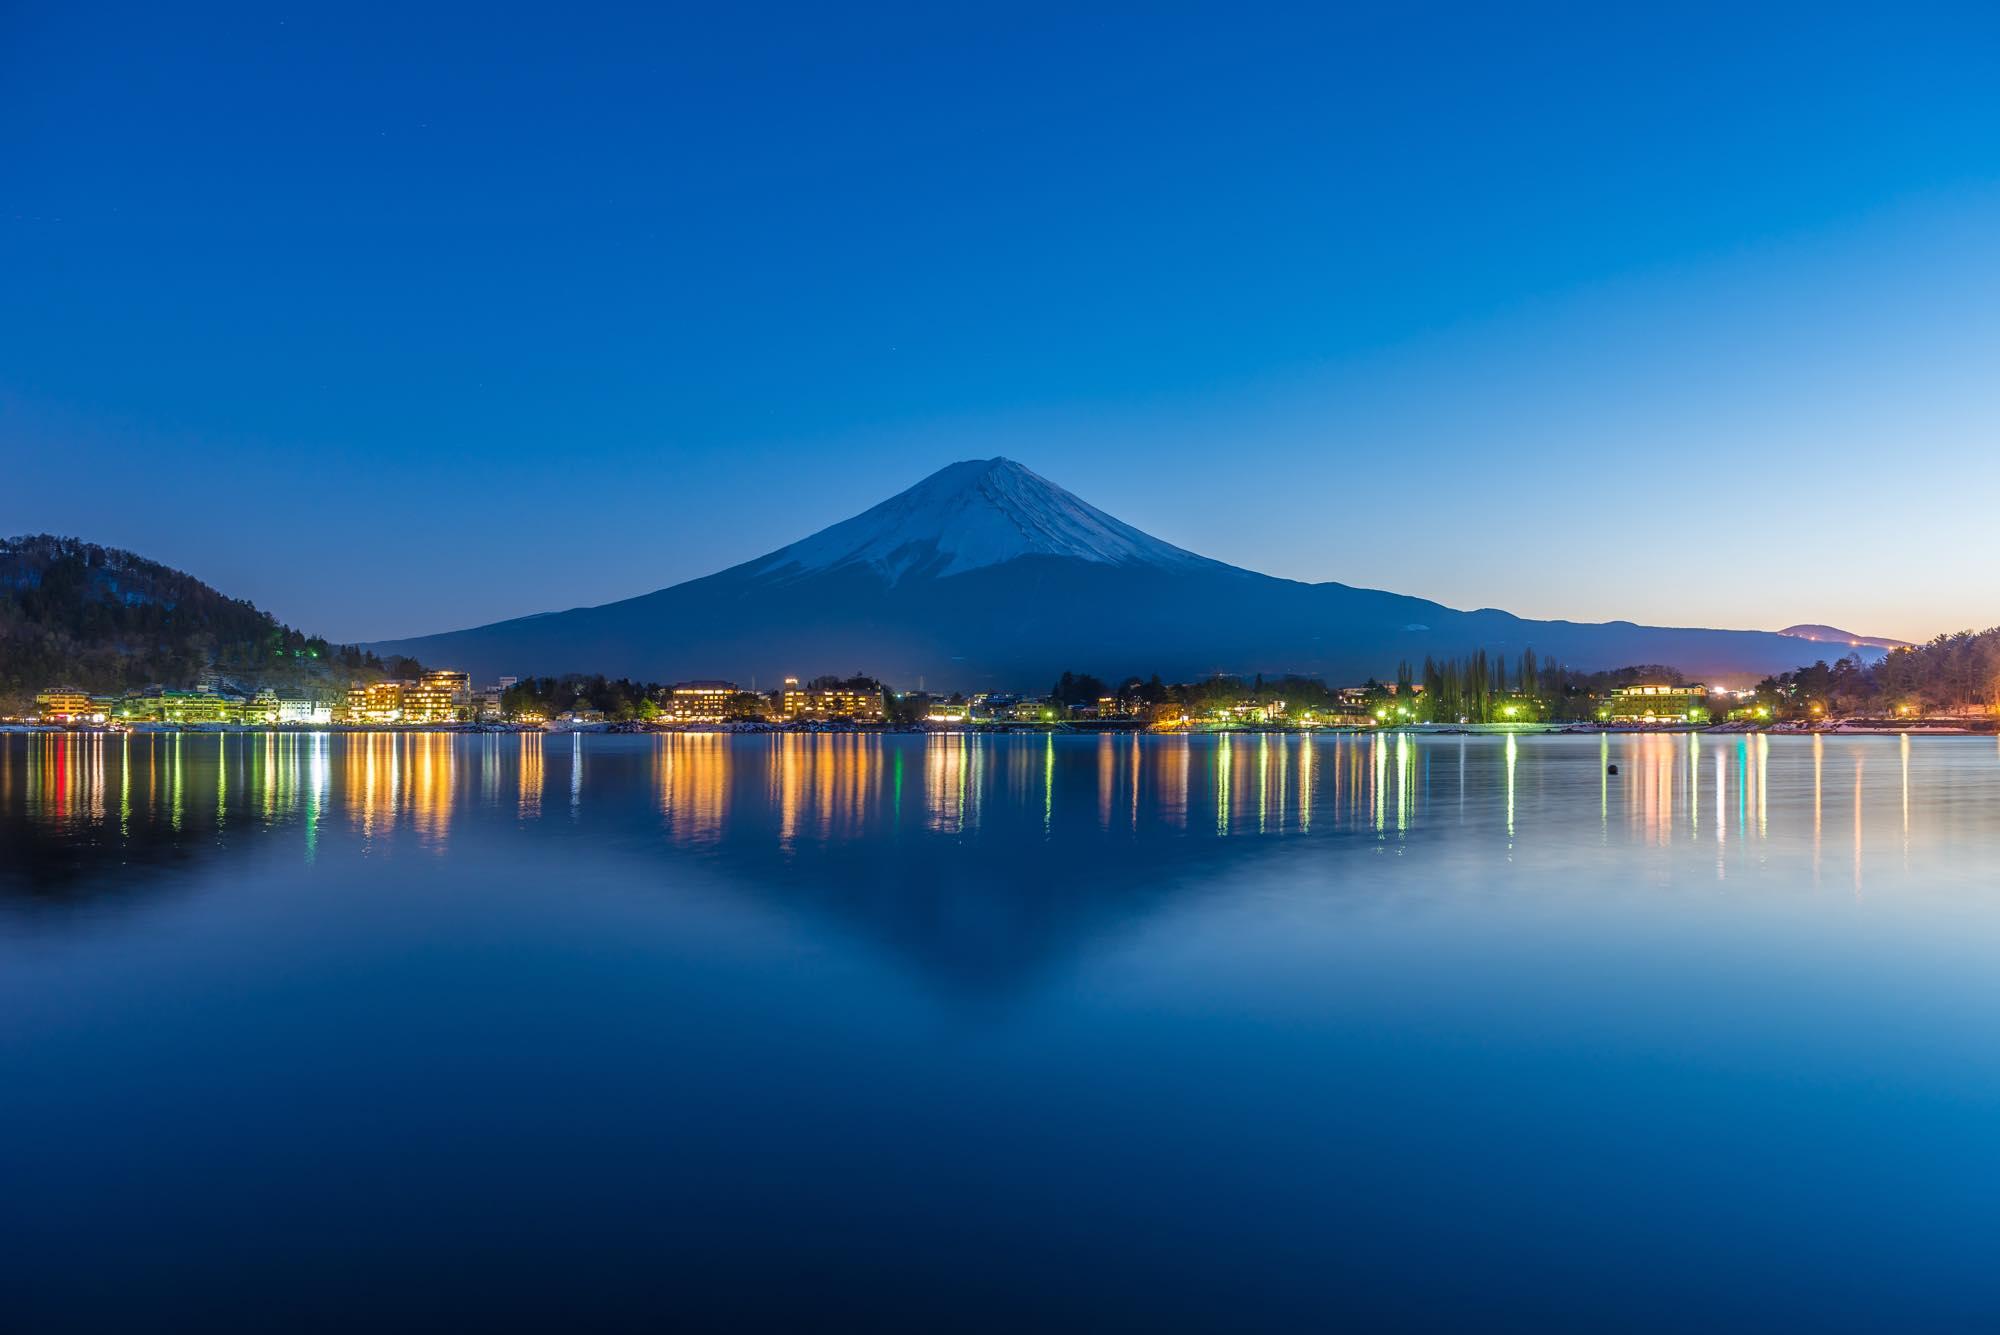 富士山はいいぞ。富士山撮影は写真家を惹きつける魅力でいっぱい!